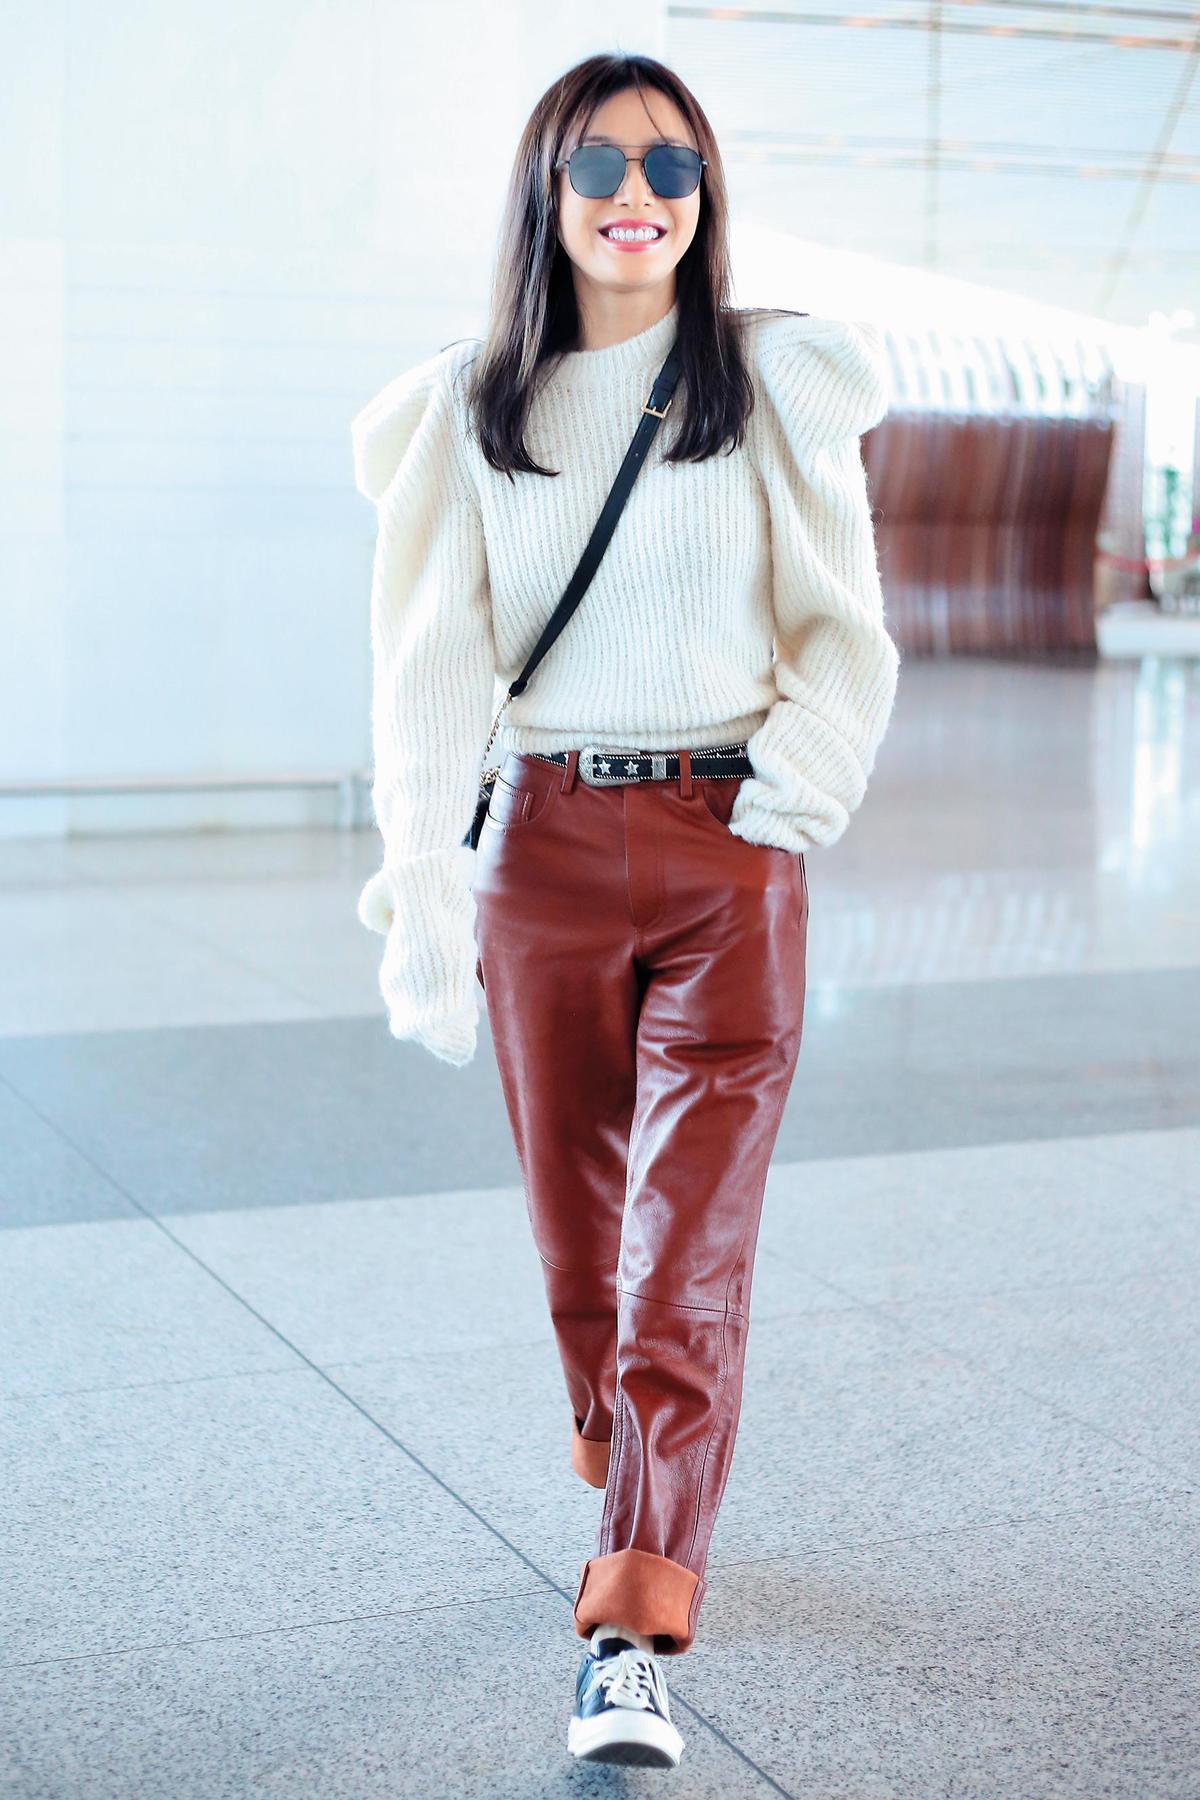 近來超火紅的富察皇后秦嵐,現身機場時,穿著泡泡袖白色毛衣與咖啡紅皮長褲,不但褲管反摺、還搭配球鞋,以一種輕鬆舒適的態度演繹皮褲新篇章。(東方IC)